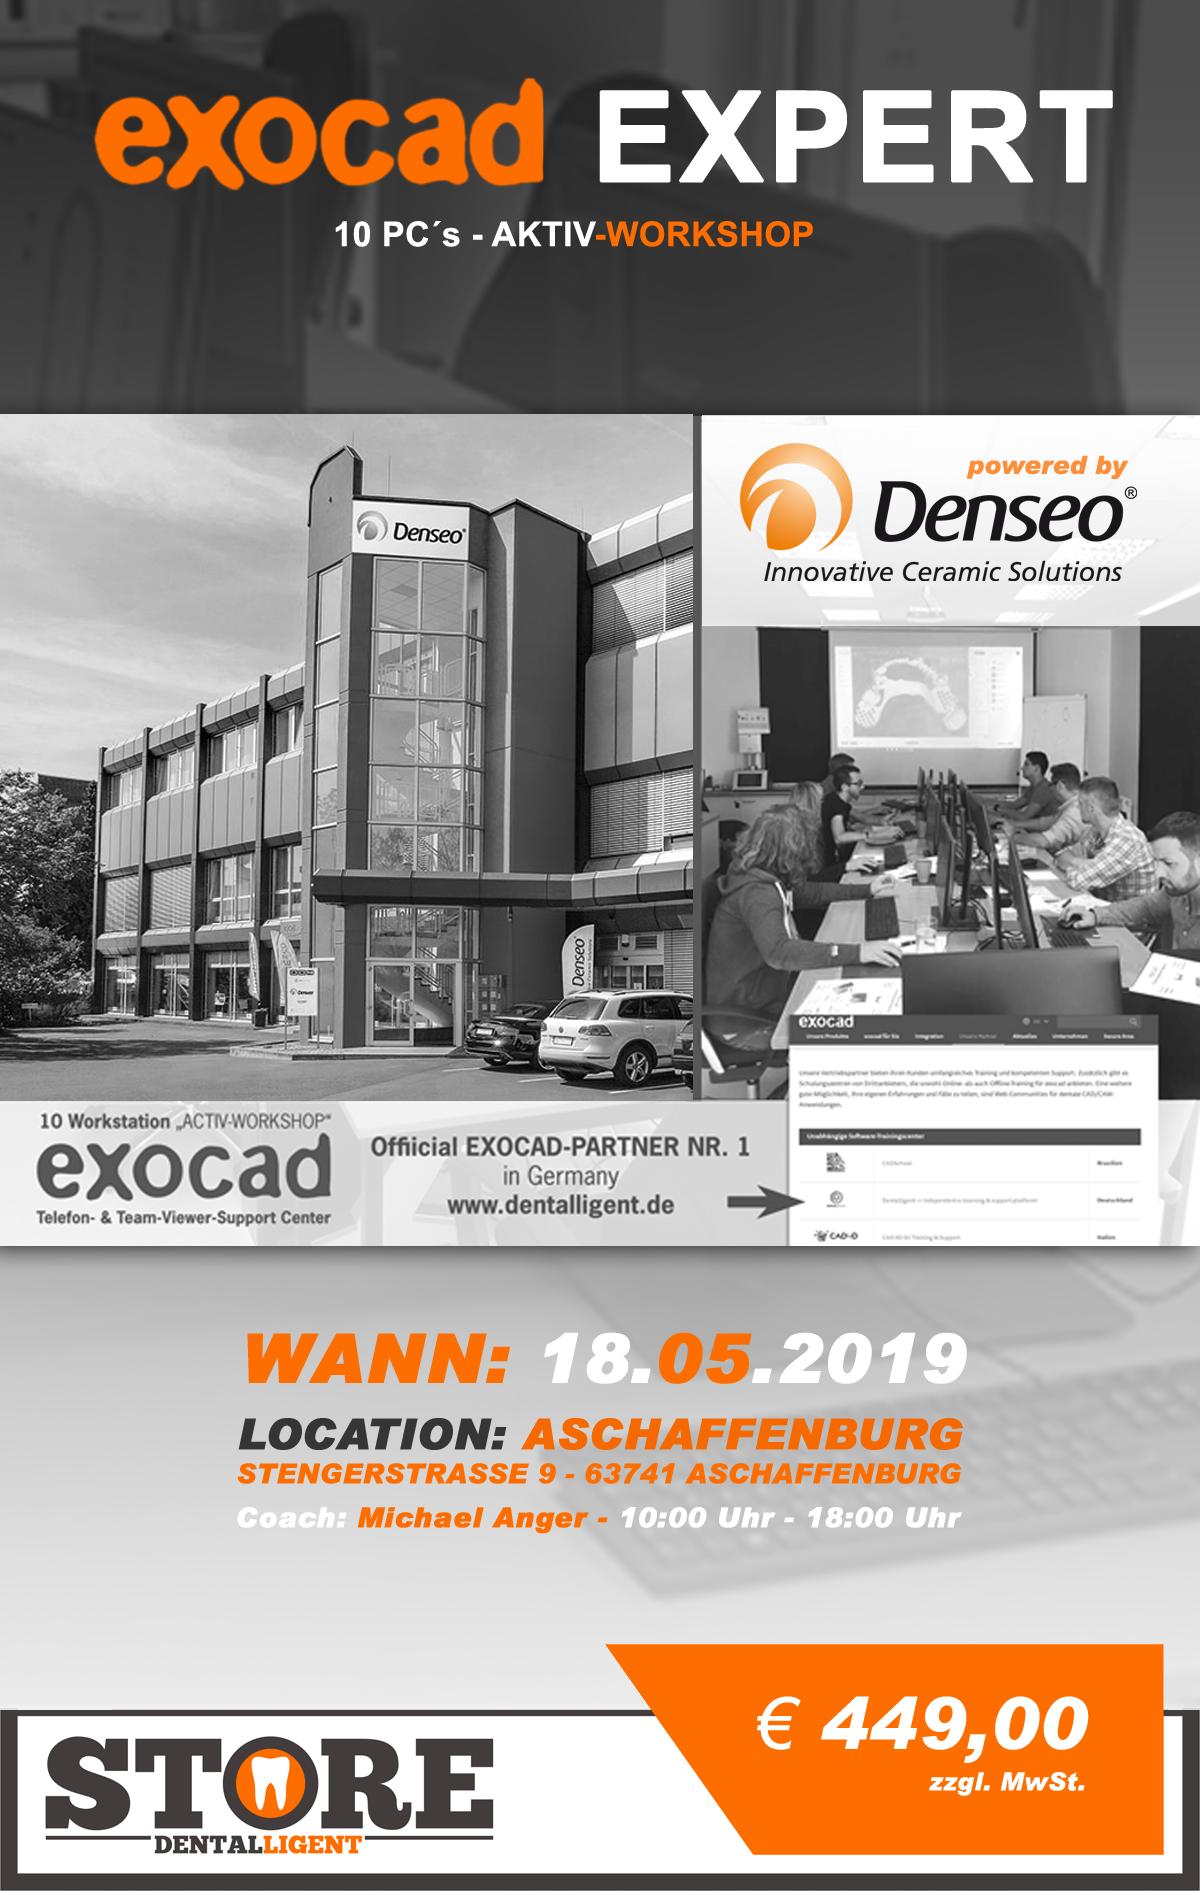 """EXOCAD - EXPERT - """"AKTIV WORKSHOP"""" mit 10 PC´s -DENSEO GmbH"""